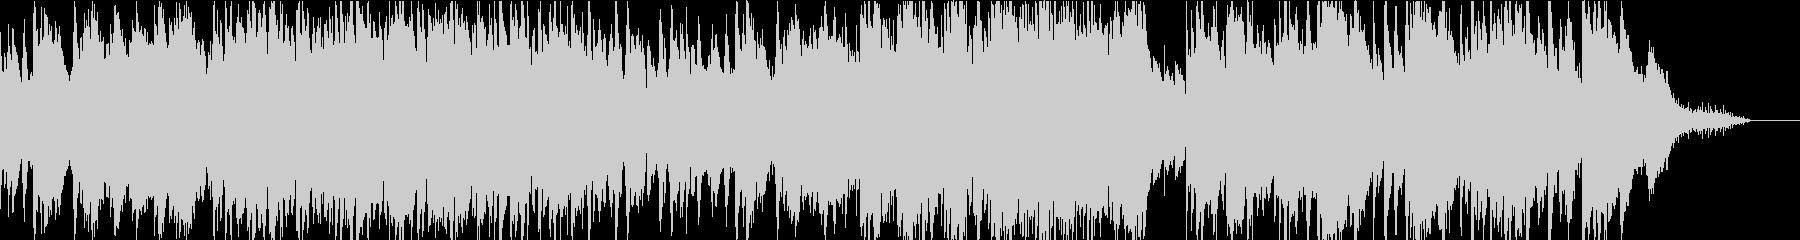 アラベスク1番 ピアノ vinylMIXの未再生の波形